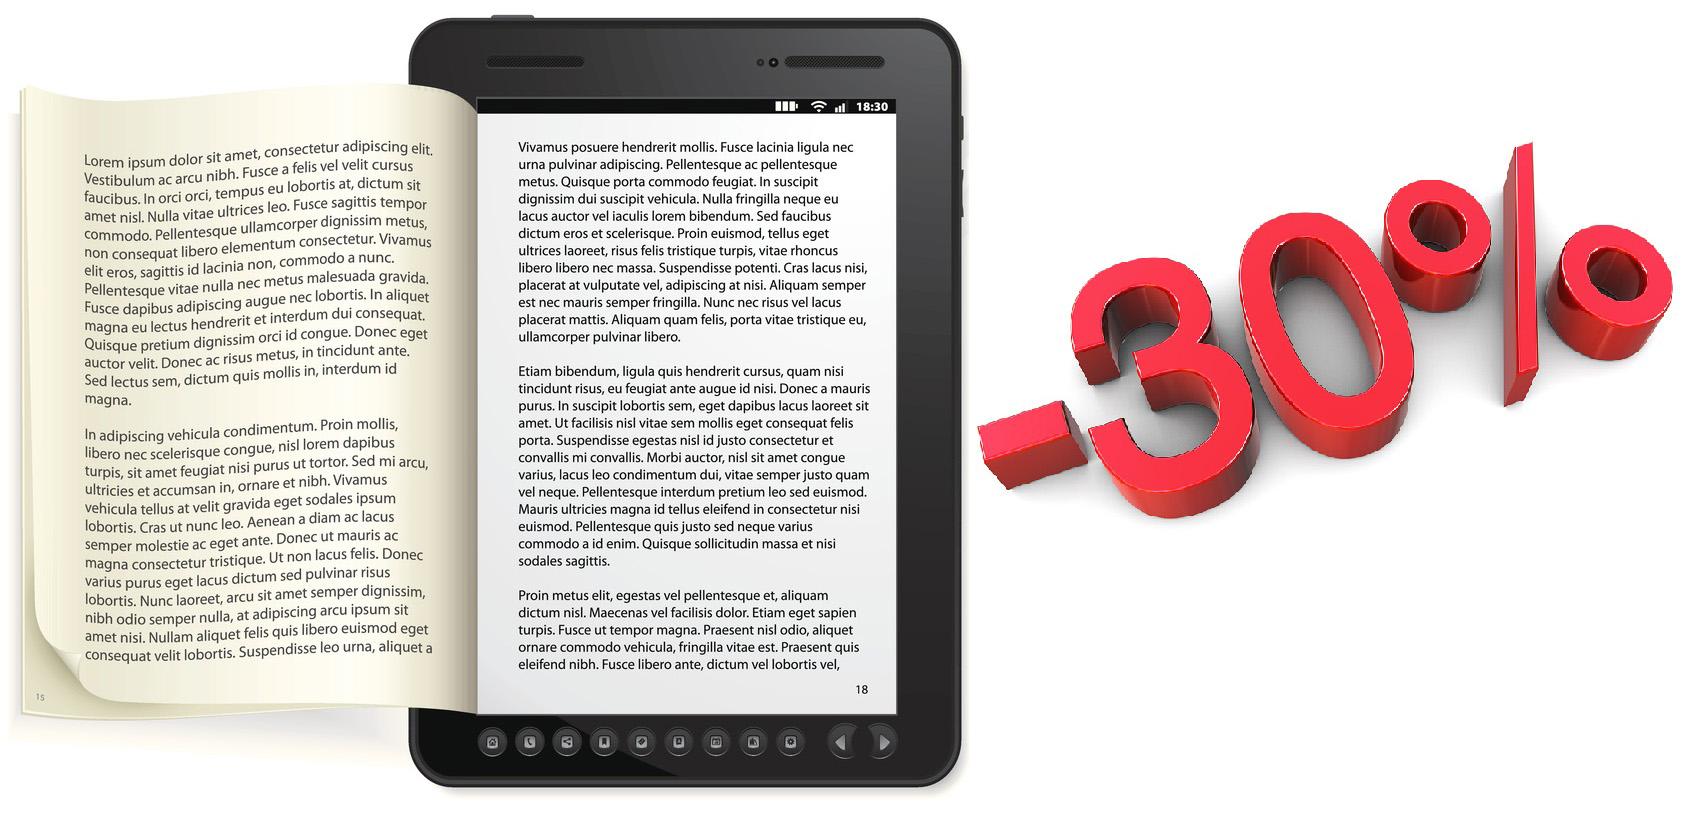 Promo autori: conversione ebook e distribuzione su Amazon con il 30% di sconto